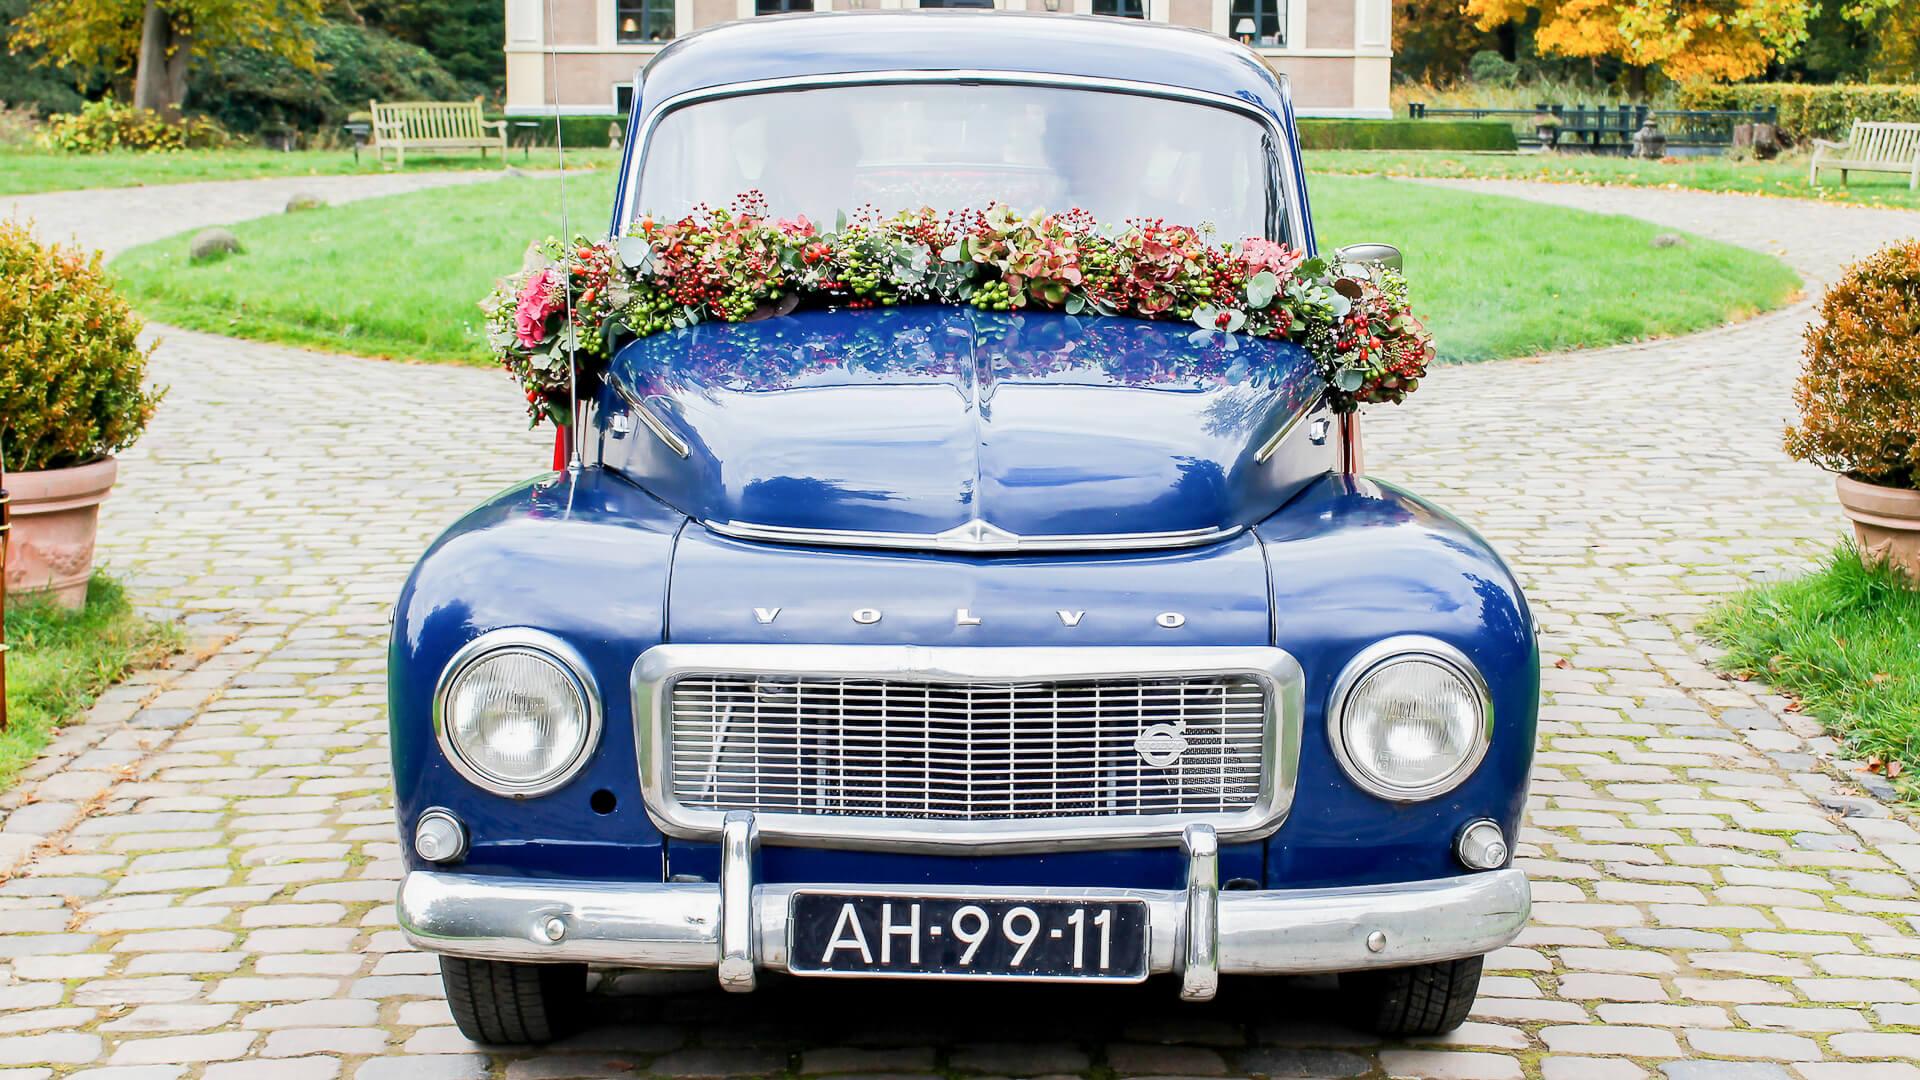 Autostyling lijn 10, bruidswerk, trouwen, autoversiering, fotografie zuidhorn, styling, bloemen auto, autoslinger, boeket voor op de auto, auto guirlande, Zuidhorn, Lijn 10